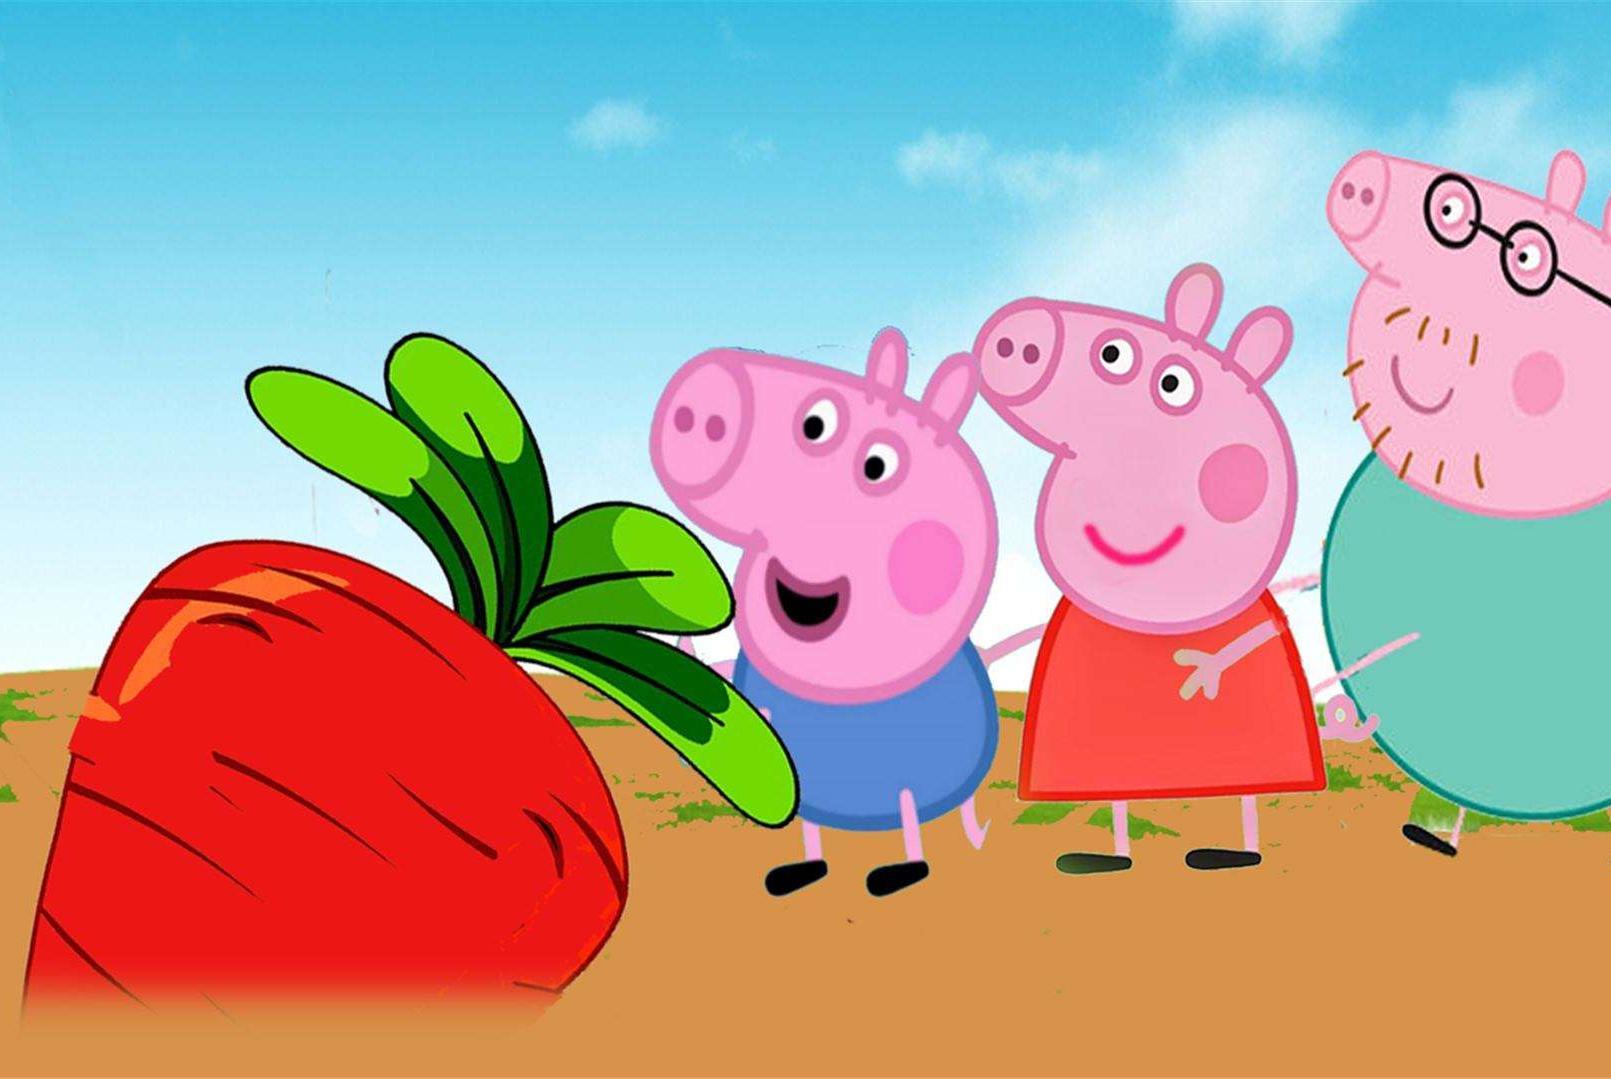 为何《小猪佩奇》能俘获孩子们的心,动漫里种种细节说明原因所在